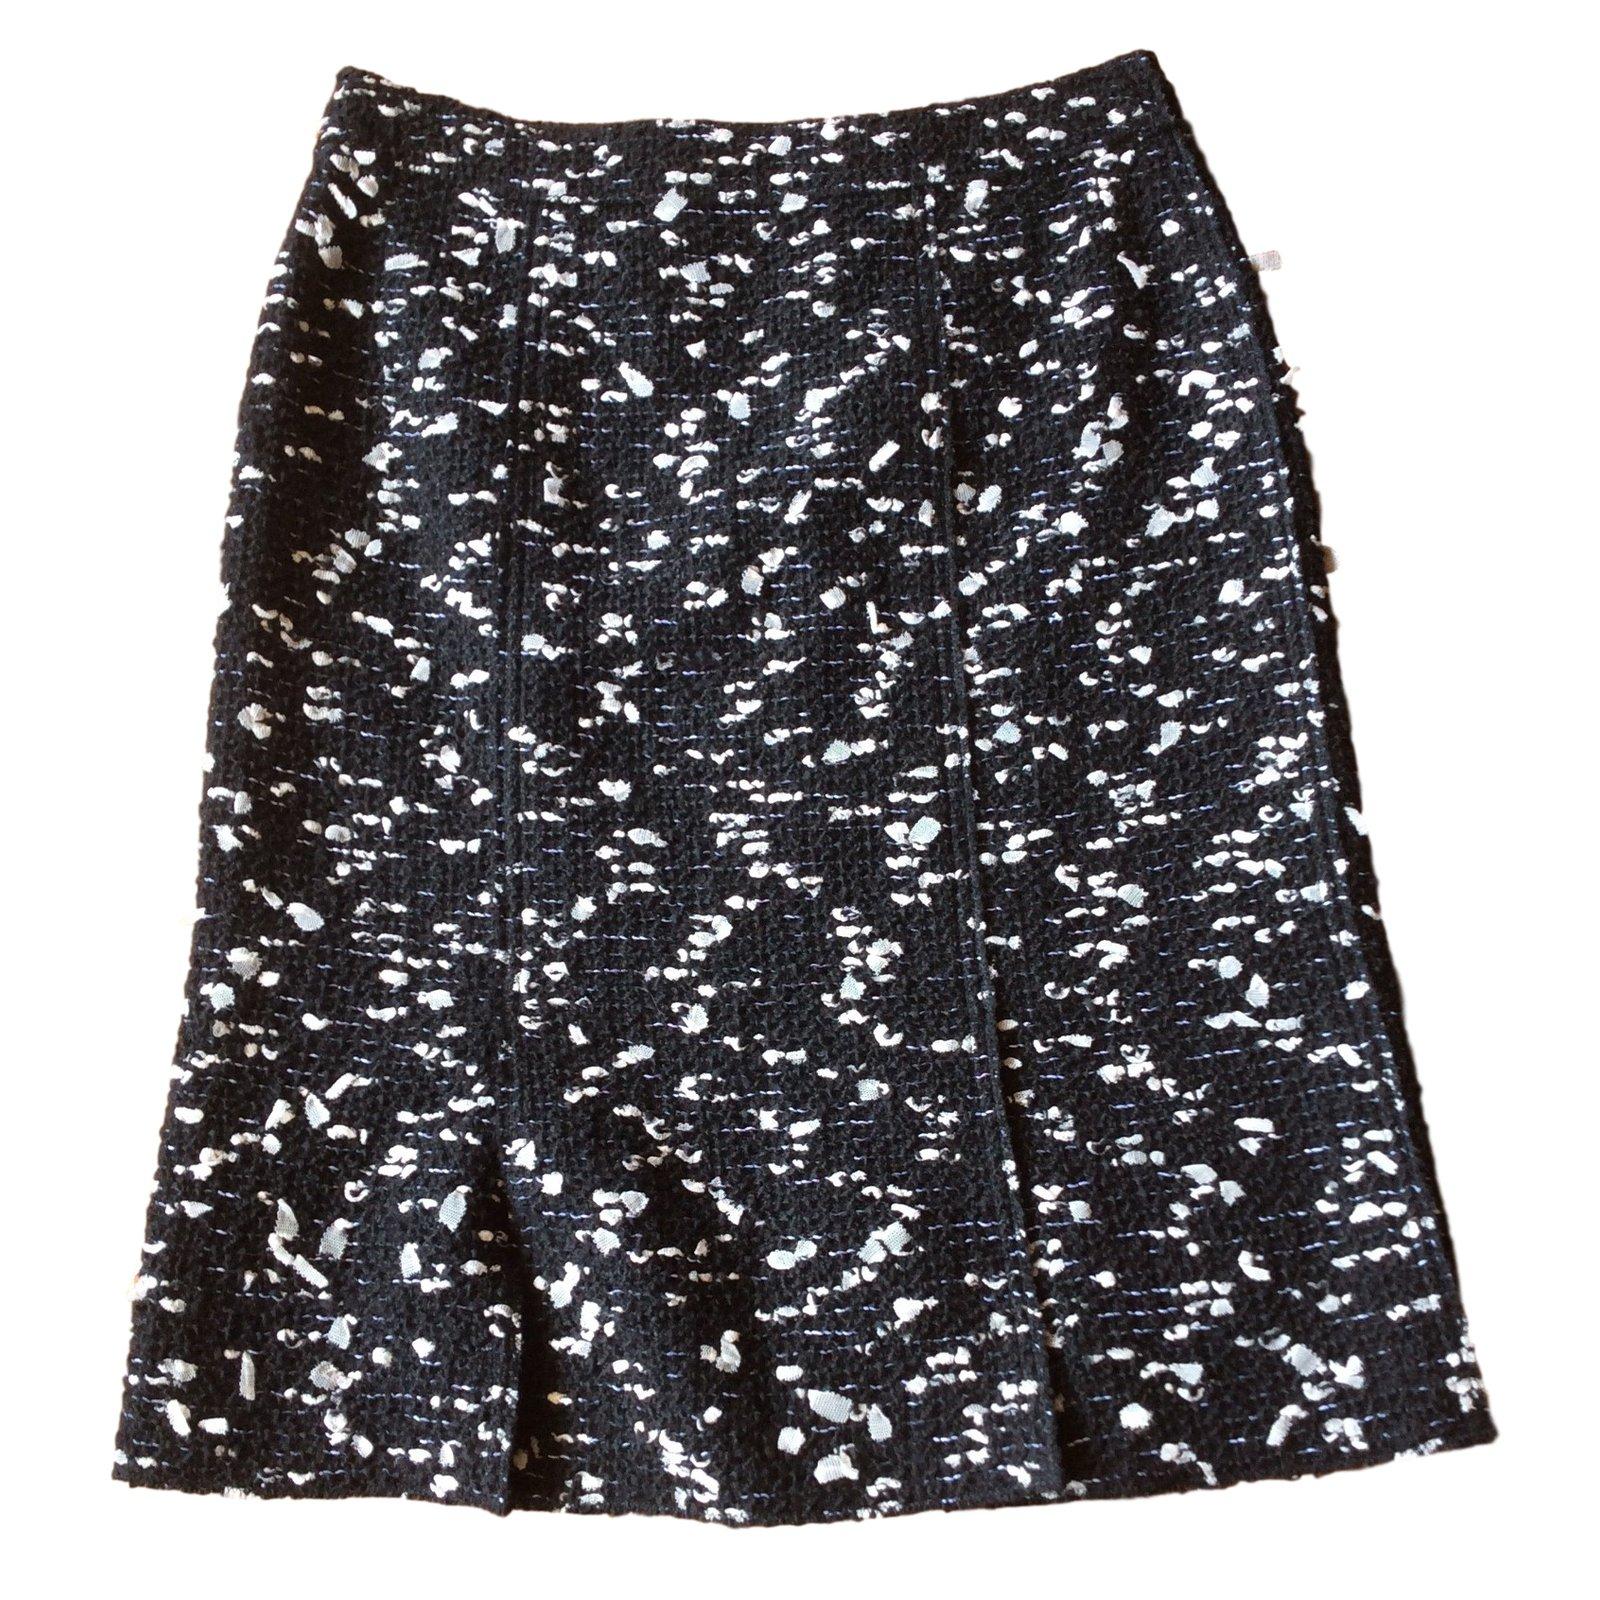 924fafc6d95 Jupes Chanel Jupe noire et blanche Laine Noir ref.15017 - Joli Closet